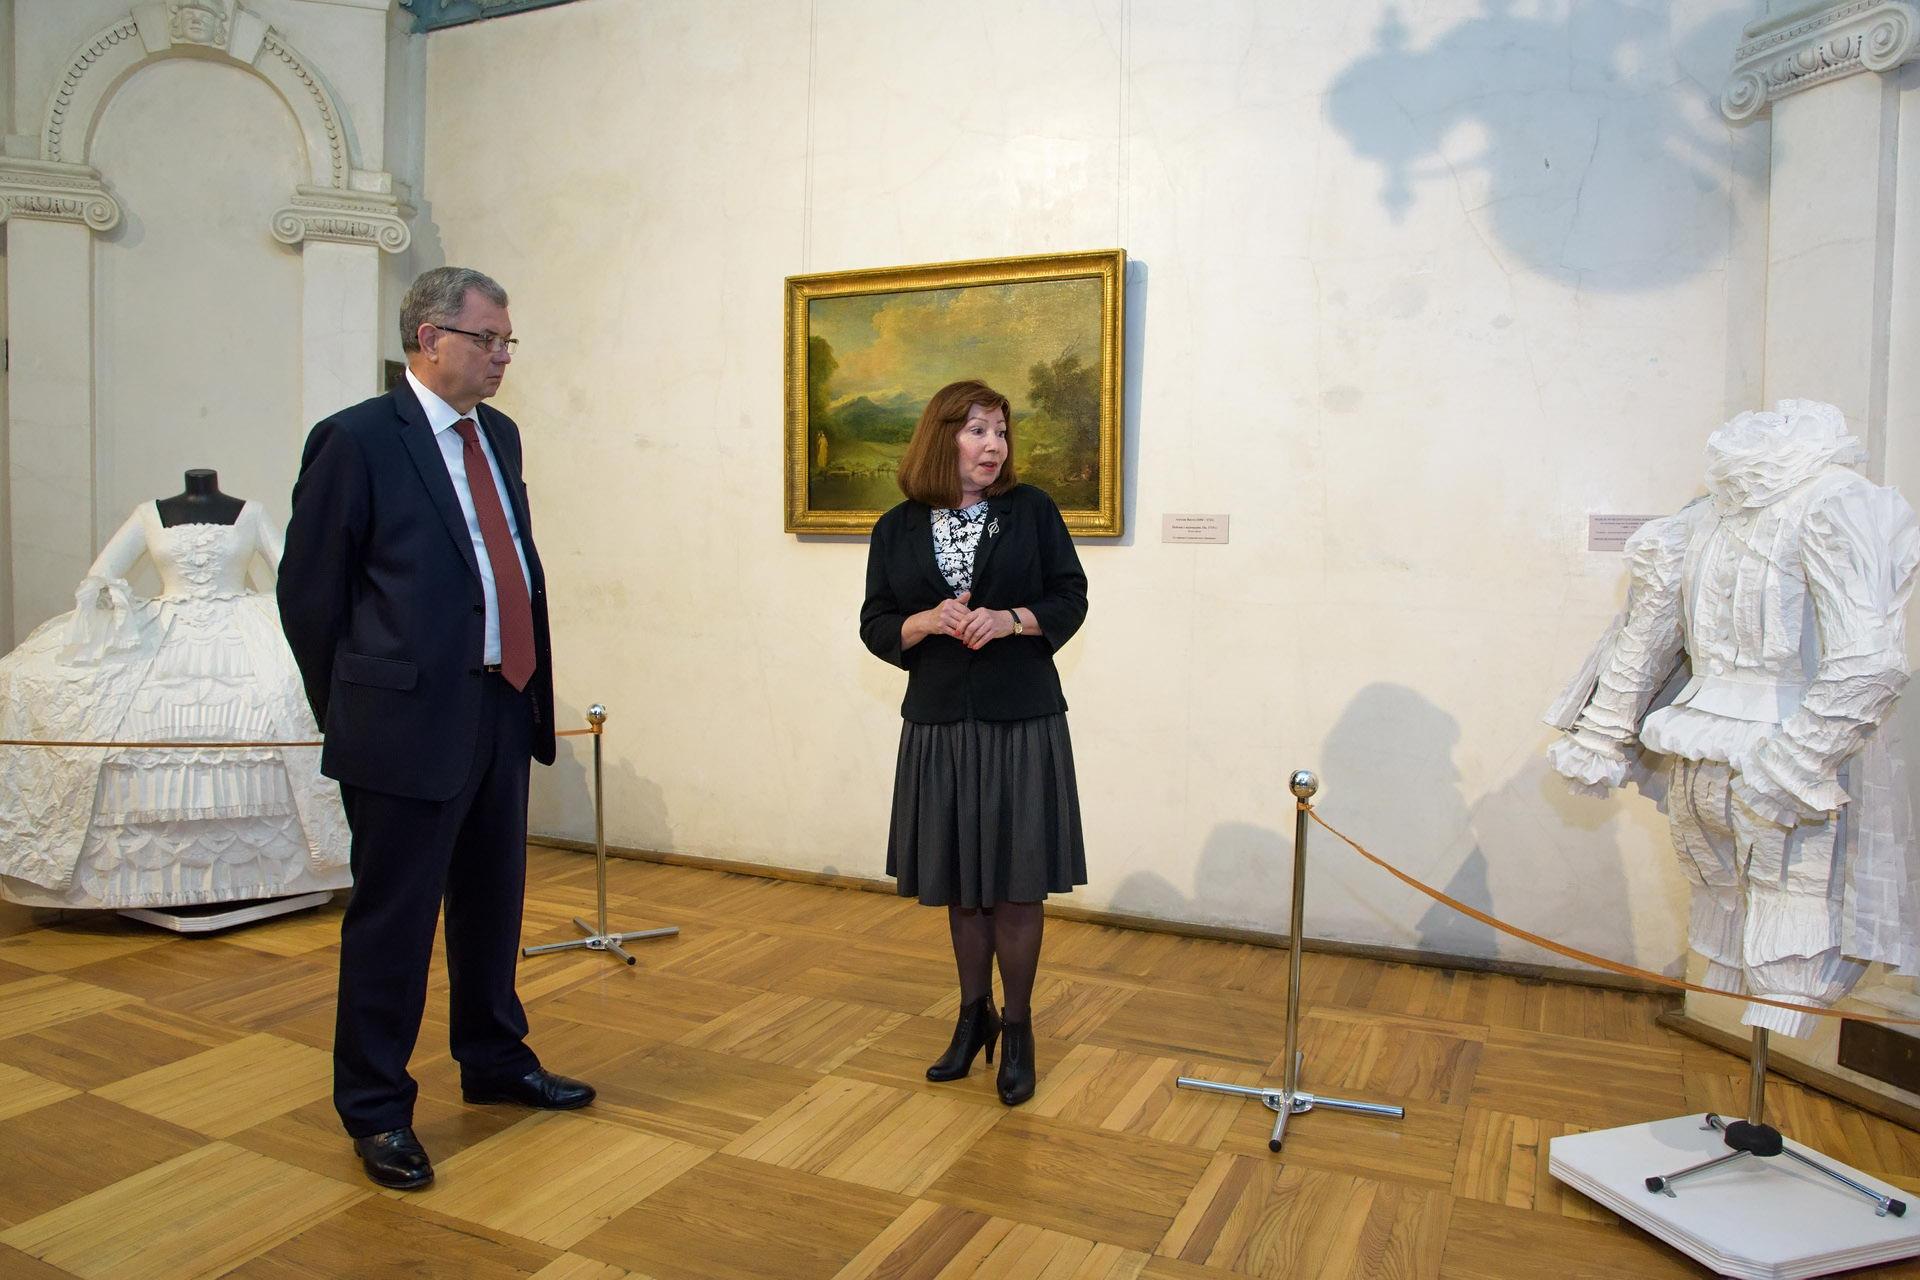 Анатолий Артамонов посетил вернисаж «Эдуард Штейнберг. Пространство памяти»